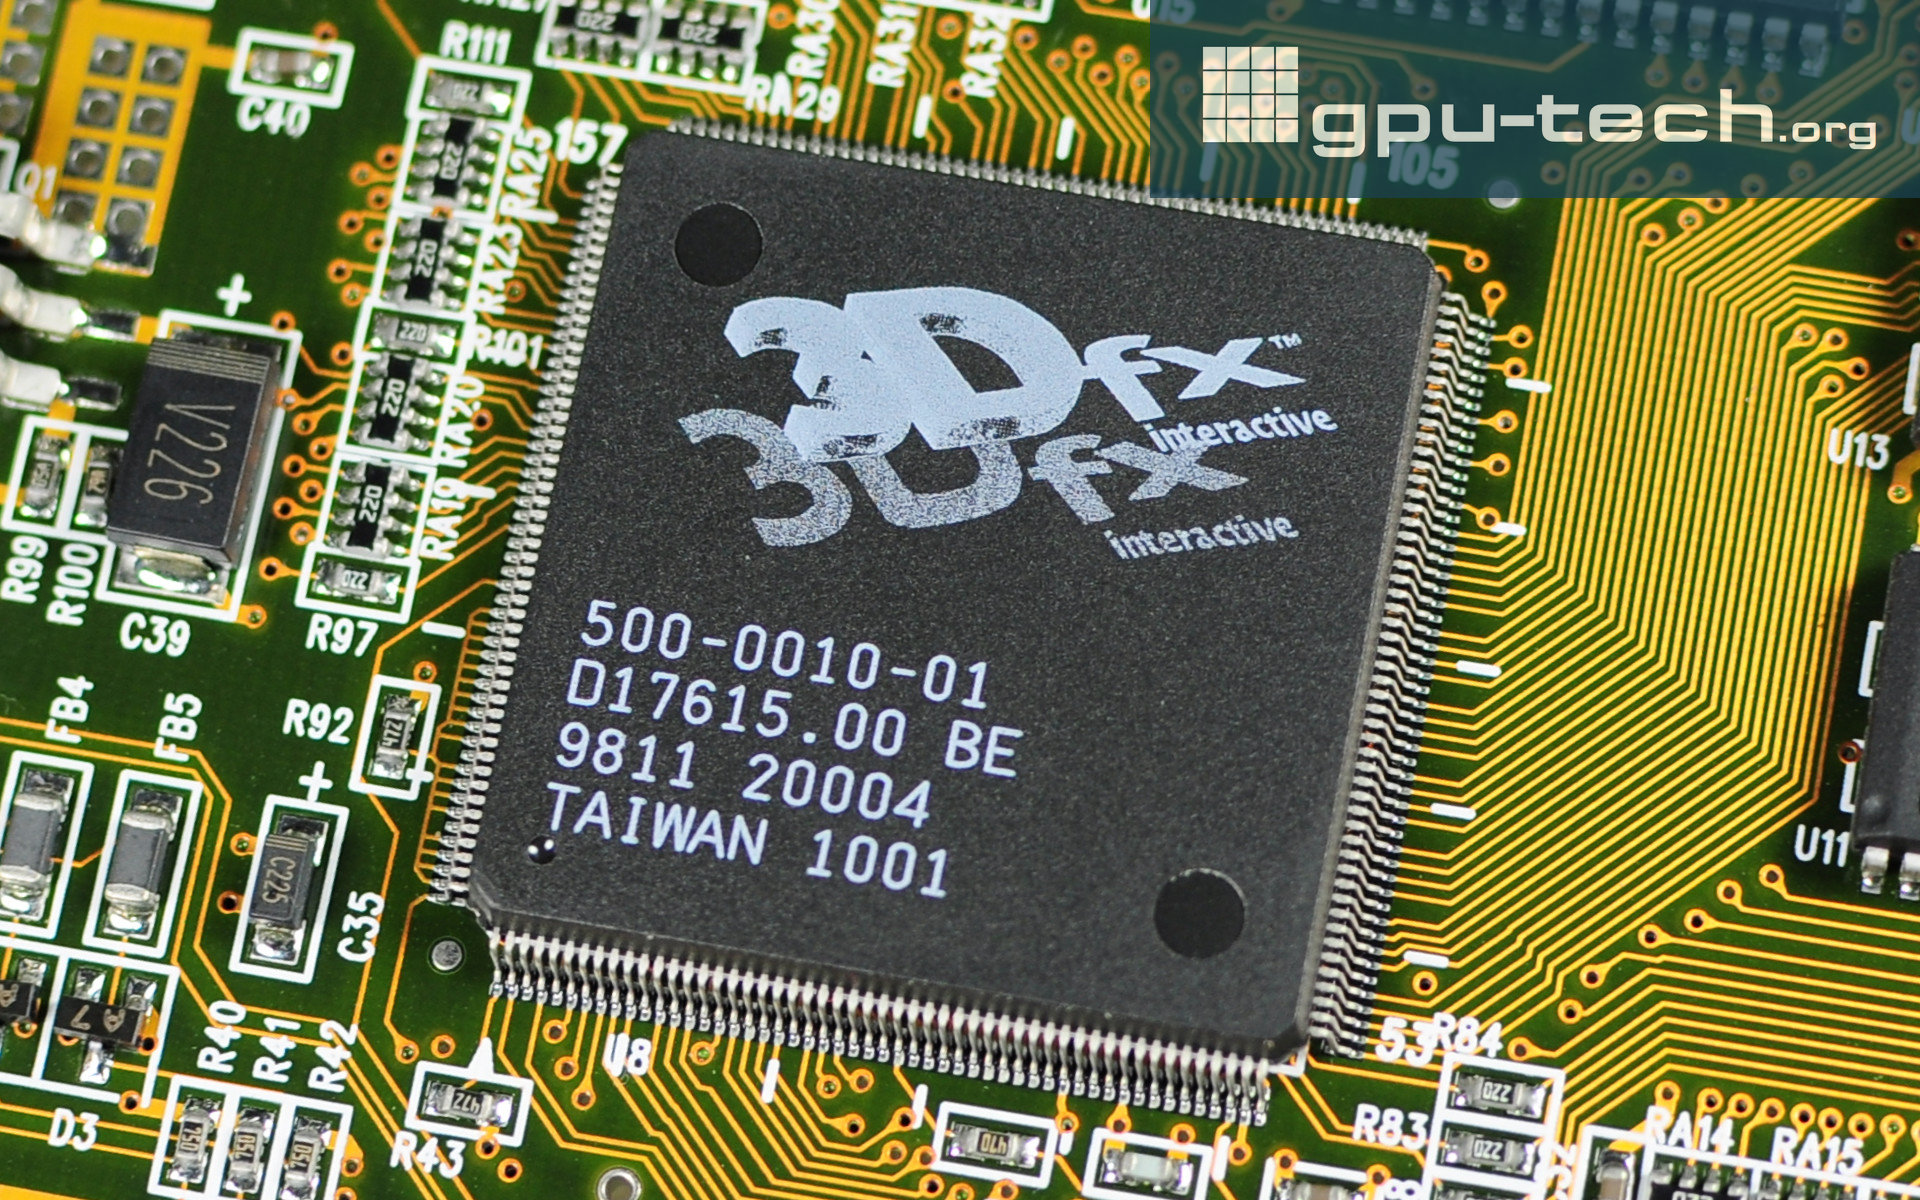 3dfx Voodoo 2: SST-96 TMU